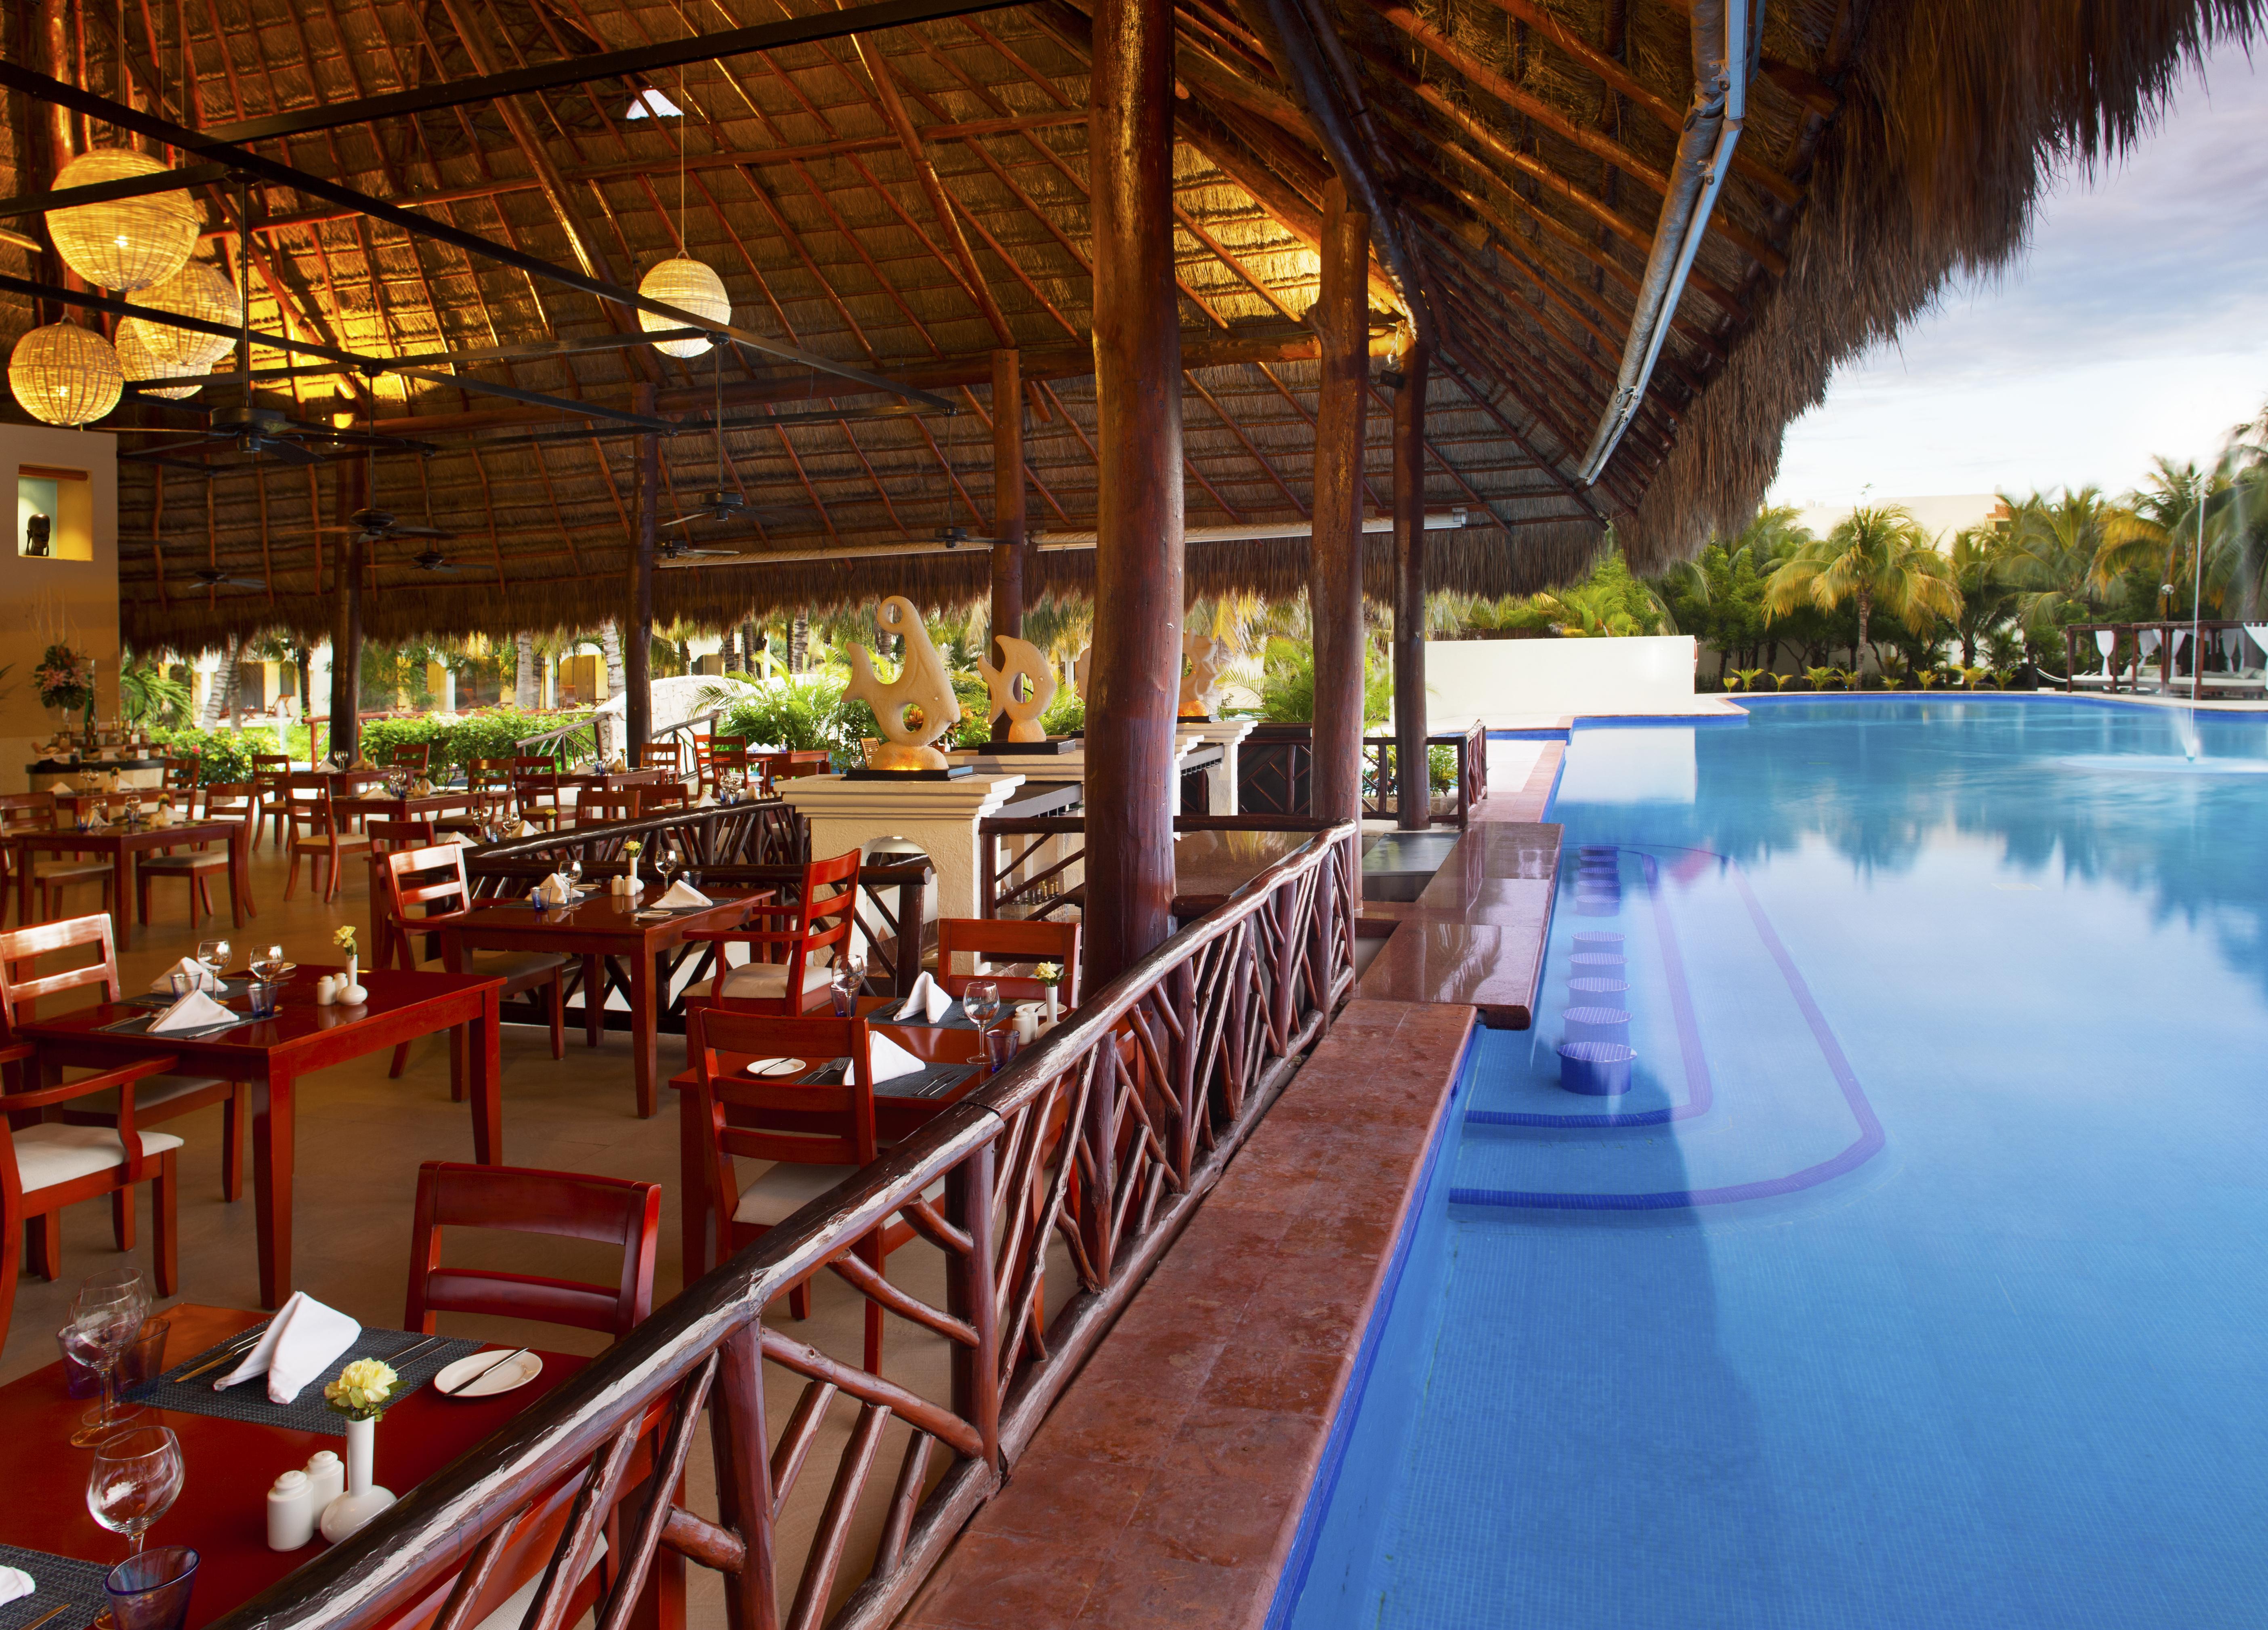 Travel Agency All-Inclusive Resort El Dorado Royale 31